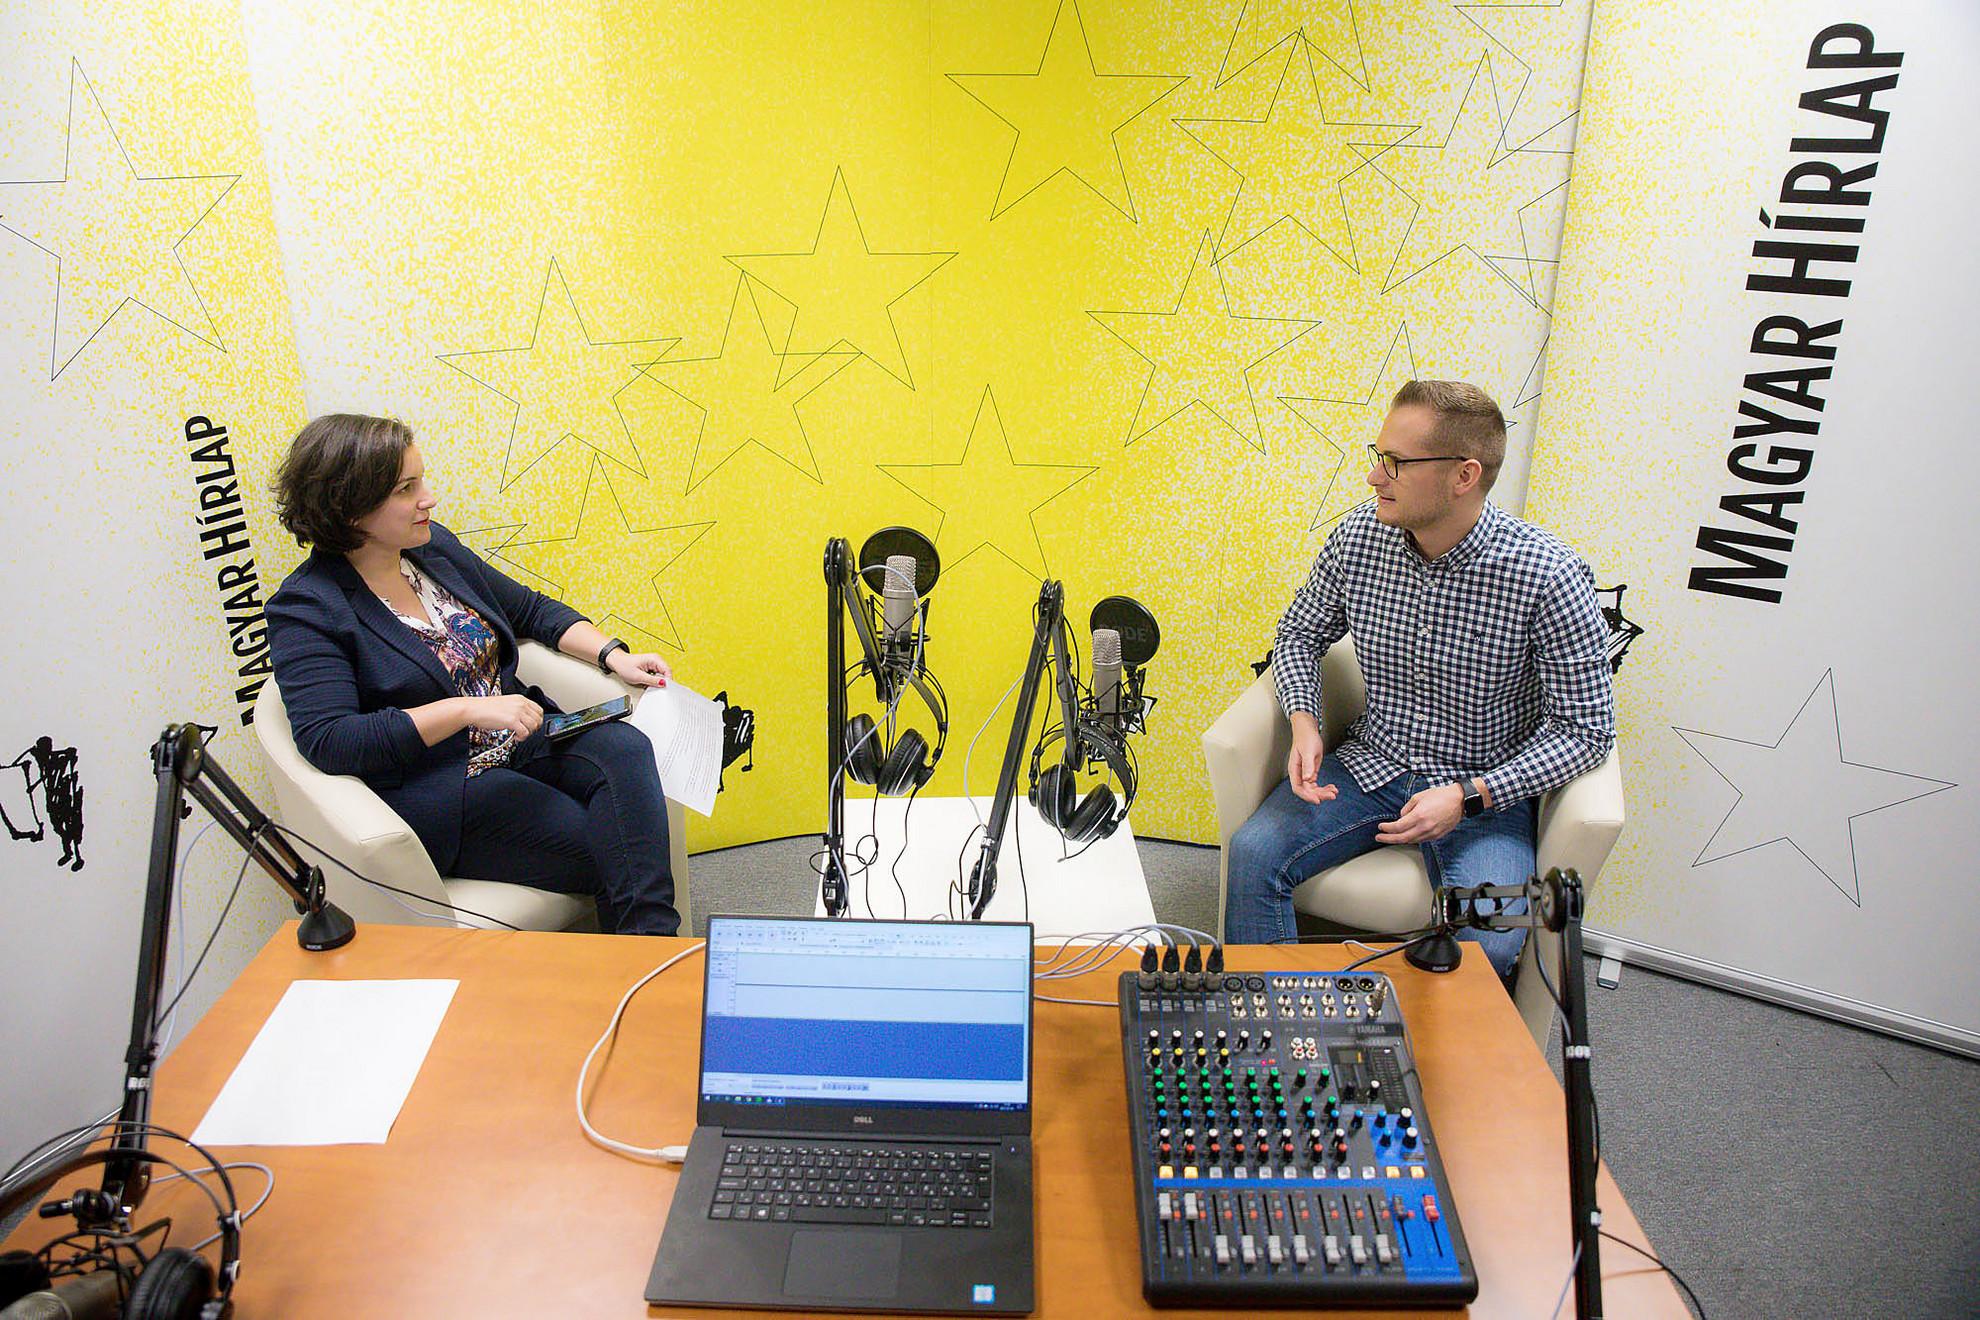 Lapunk főmunkatársa, Őry Mariann és Deák Dániel, a XXI. Század Intézet vezető elemzője a Faktum podcast-adásának felvételén